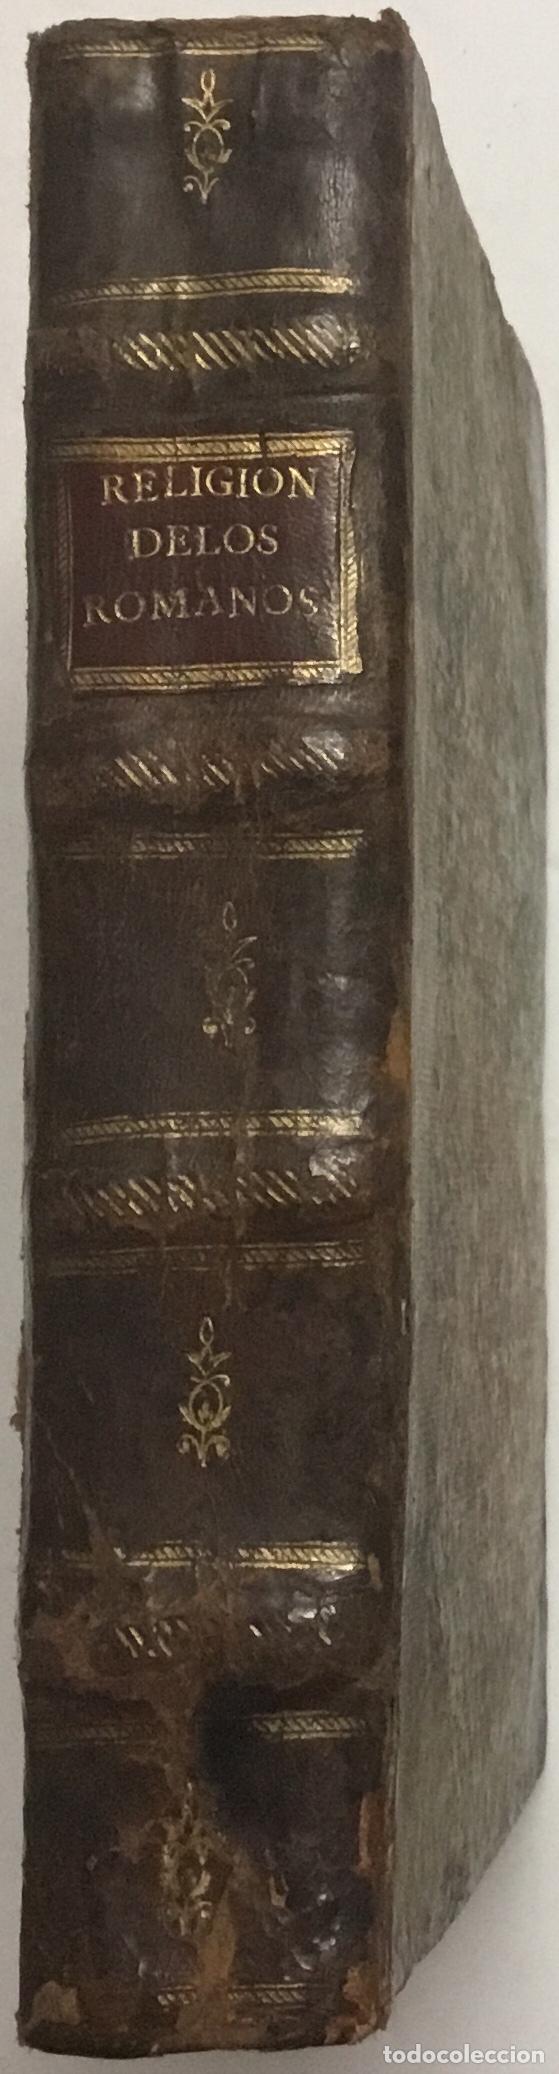 Libros antiguos: DISCOURS DE LA RELIGION DES ANCIENS ROMAINS, DE LA CASTRAMENTATION & DISCIPLINE MILITAIRE DICEUX. D - Foto 21 - 113748474